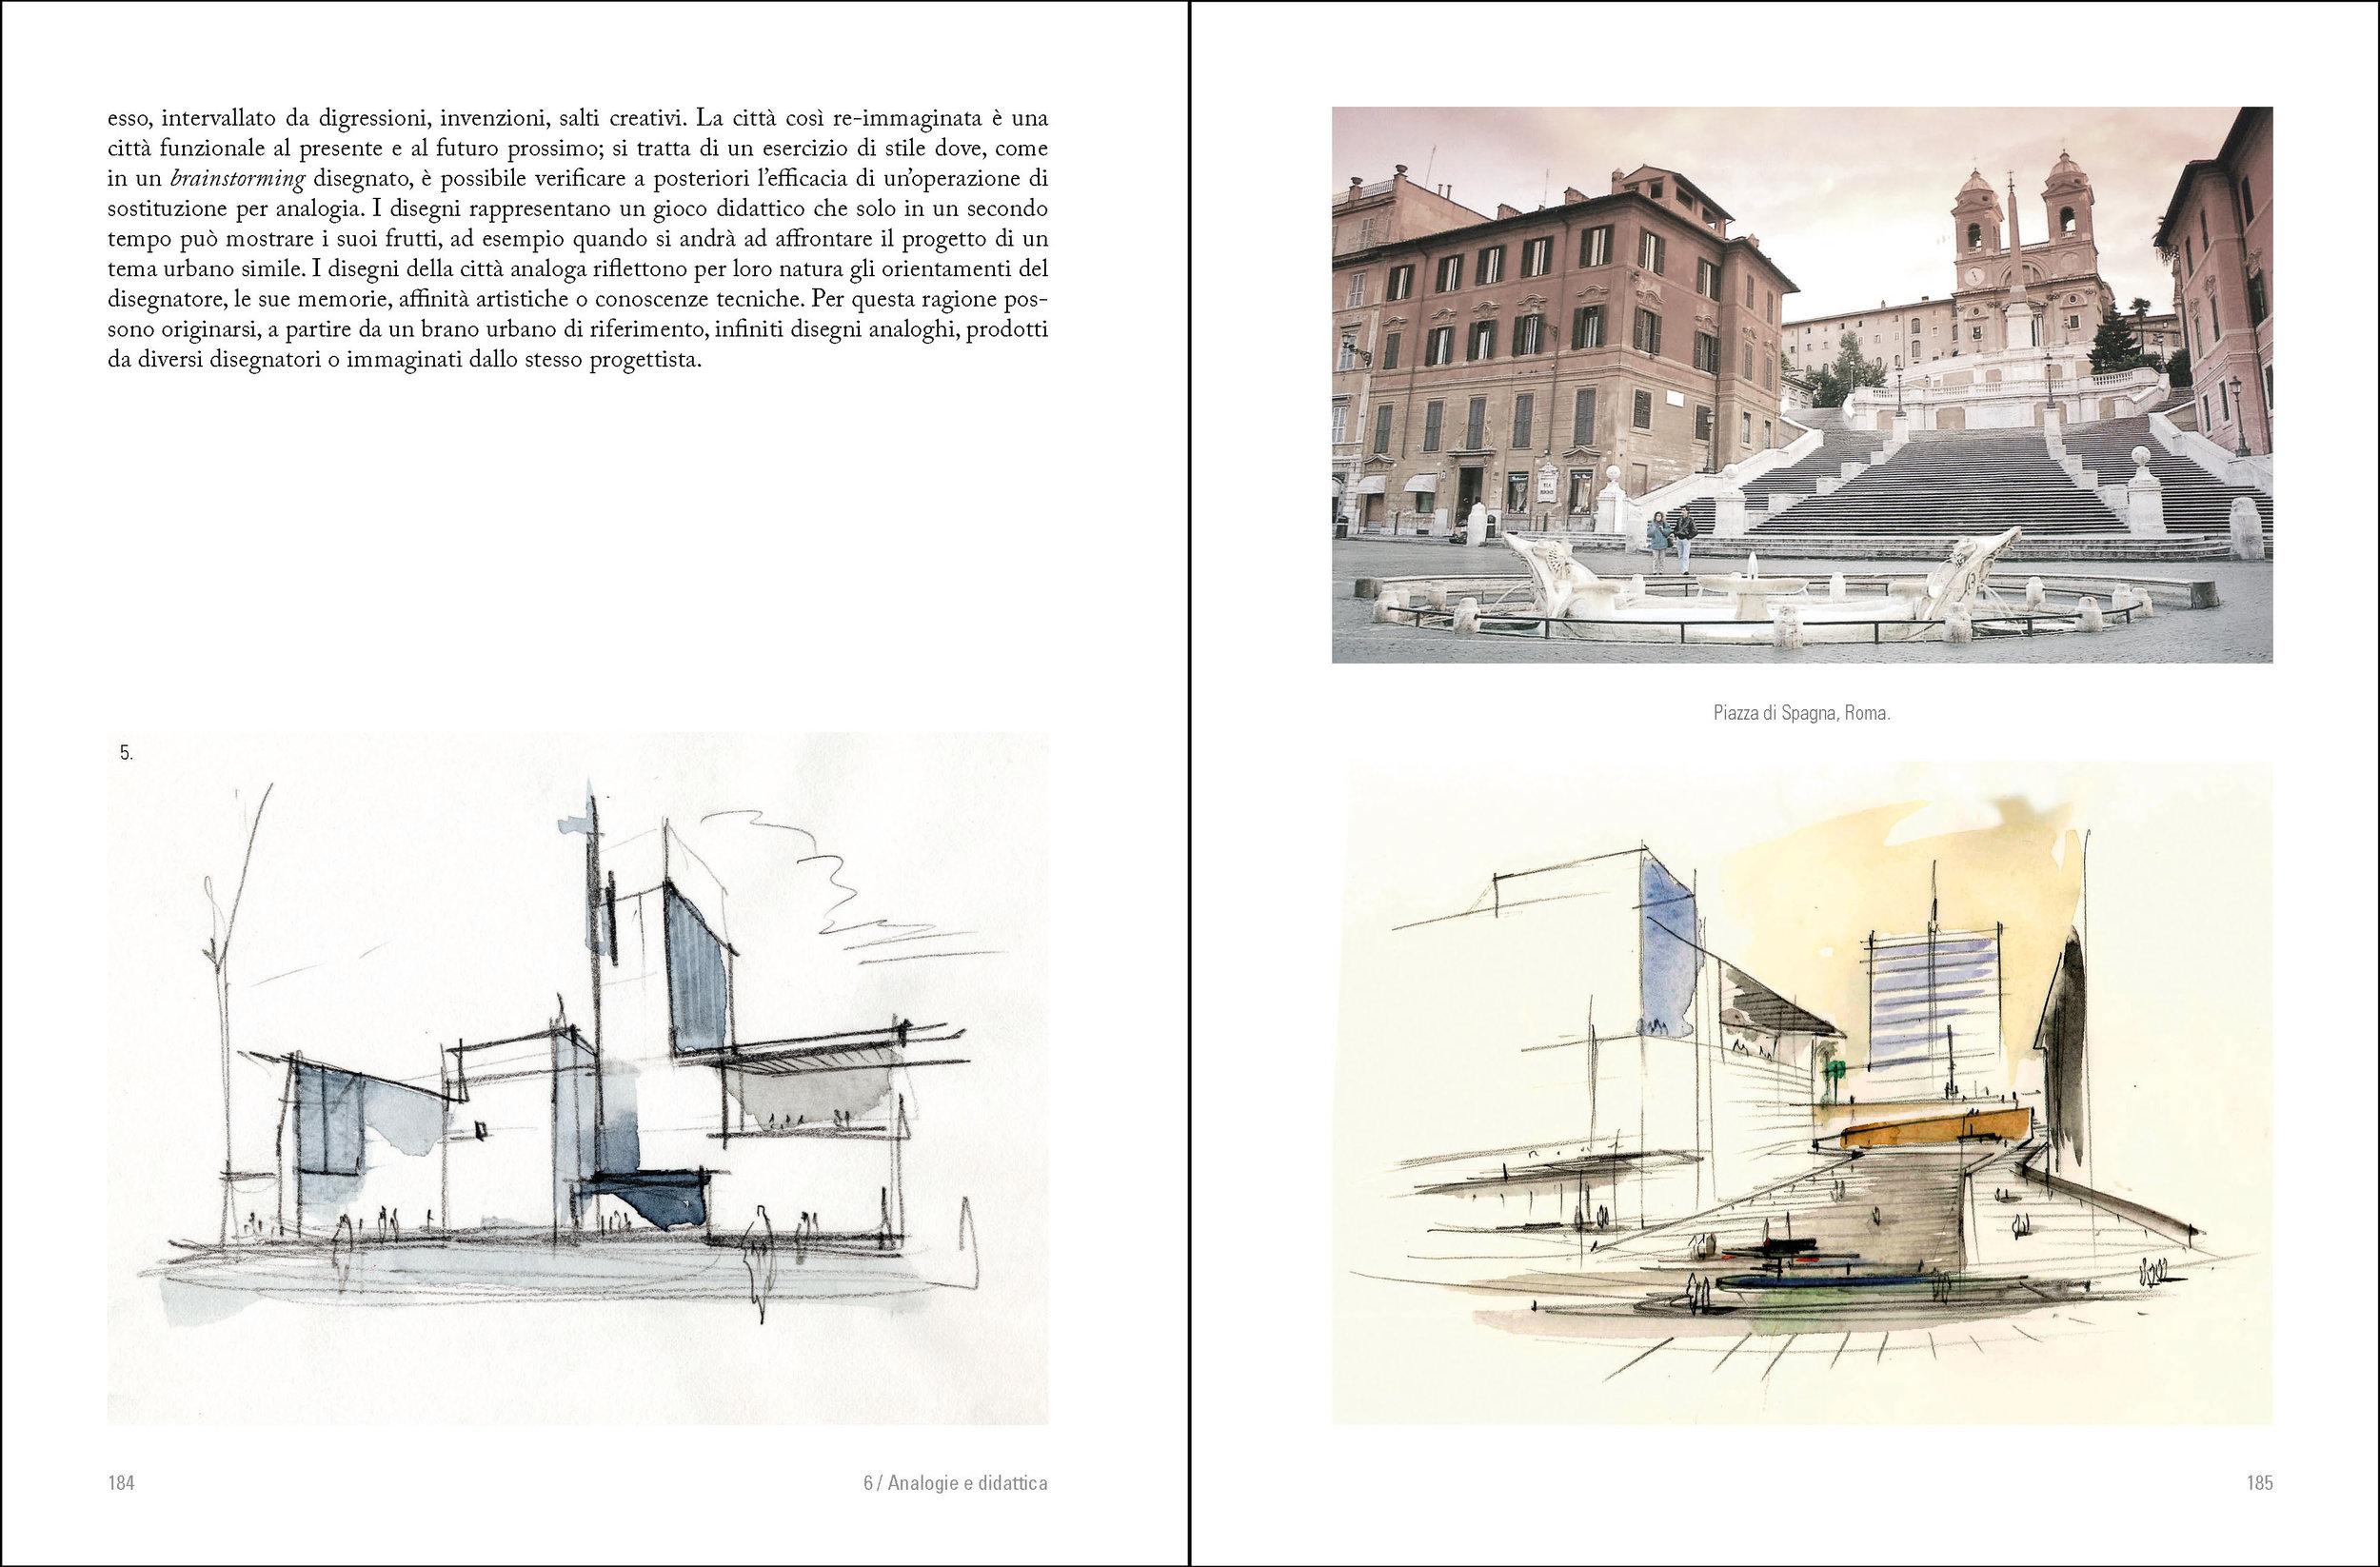 L'Architettura dell'Analogia_SPREADS_11.jpg